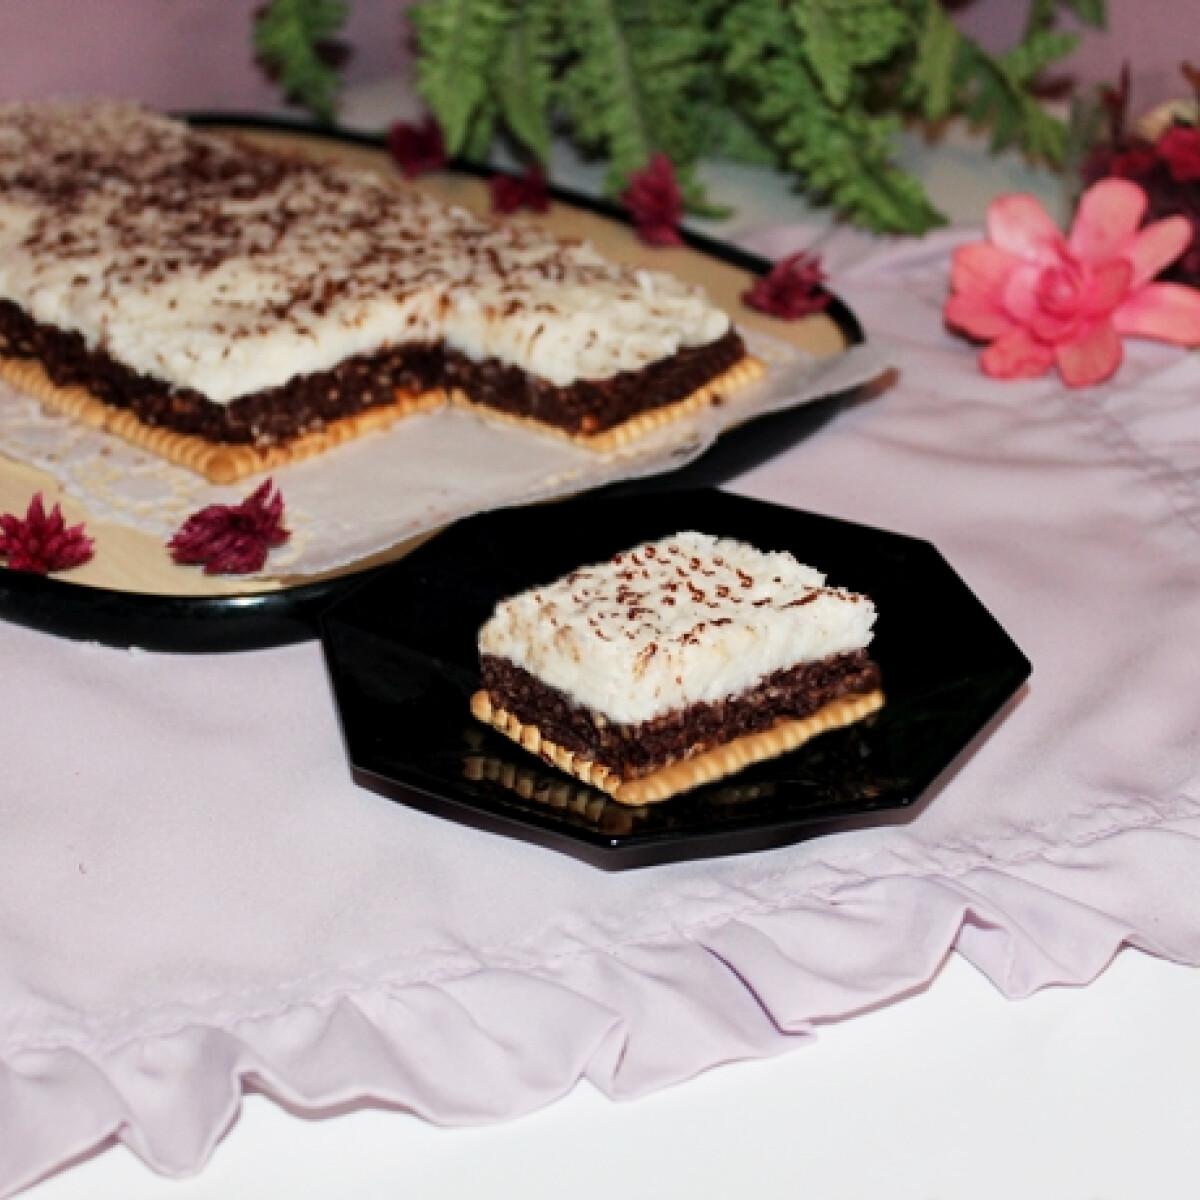 Ezen a képen: Kókuszos-csokoládés sütés nélkül